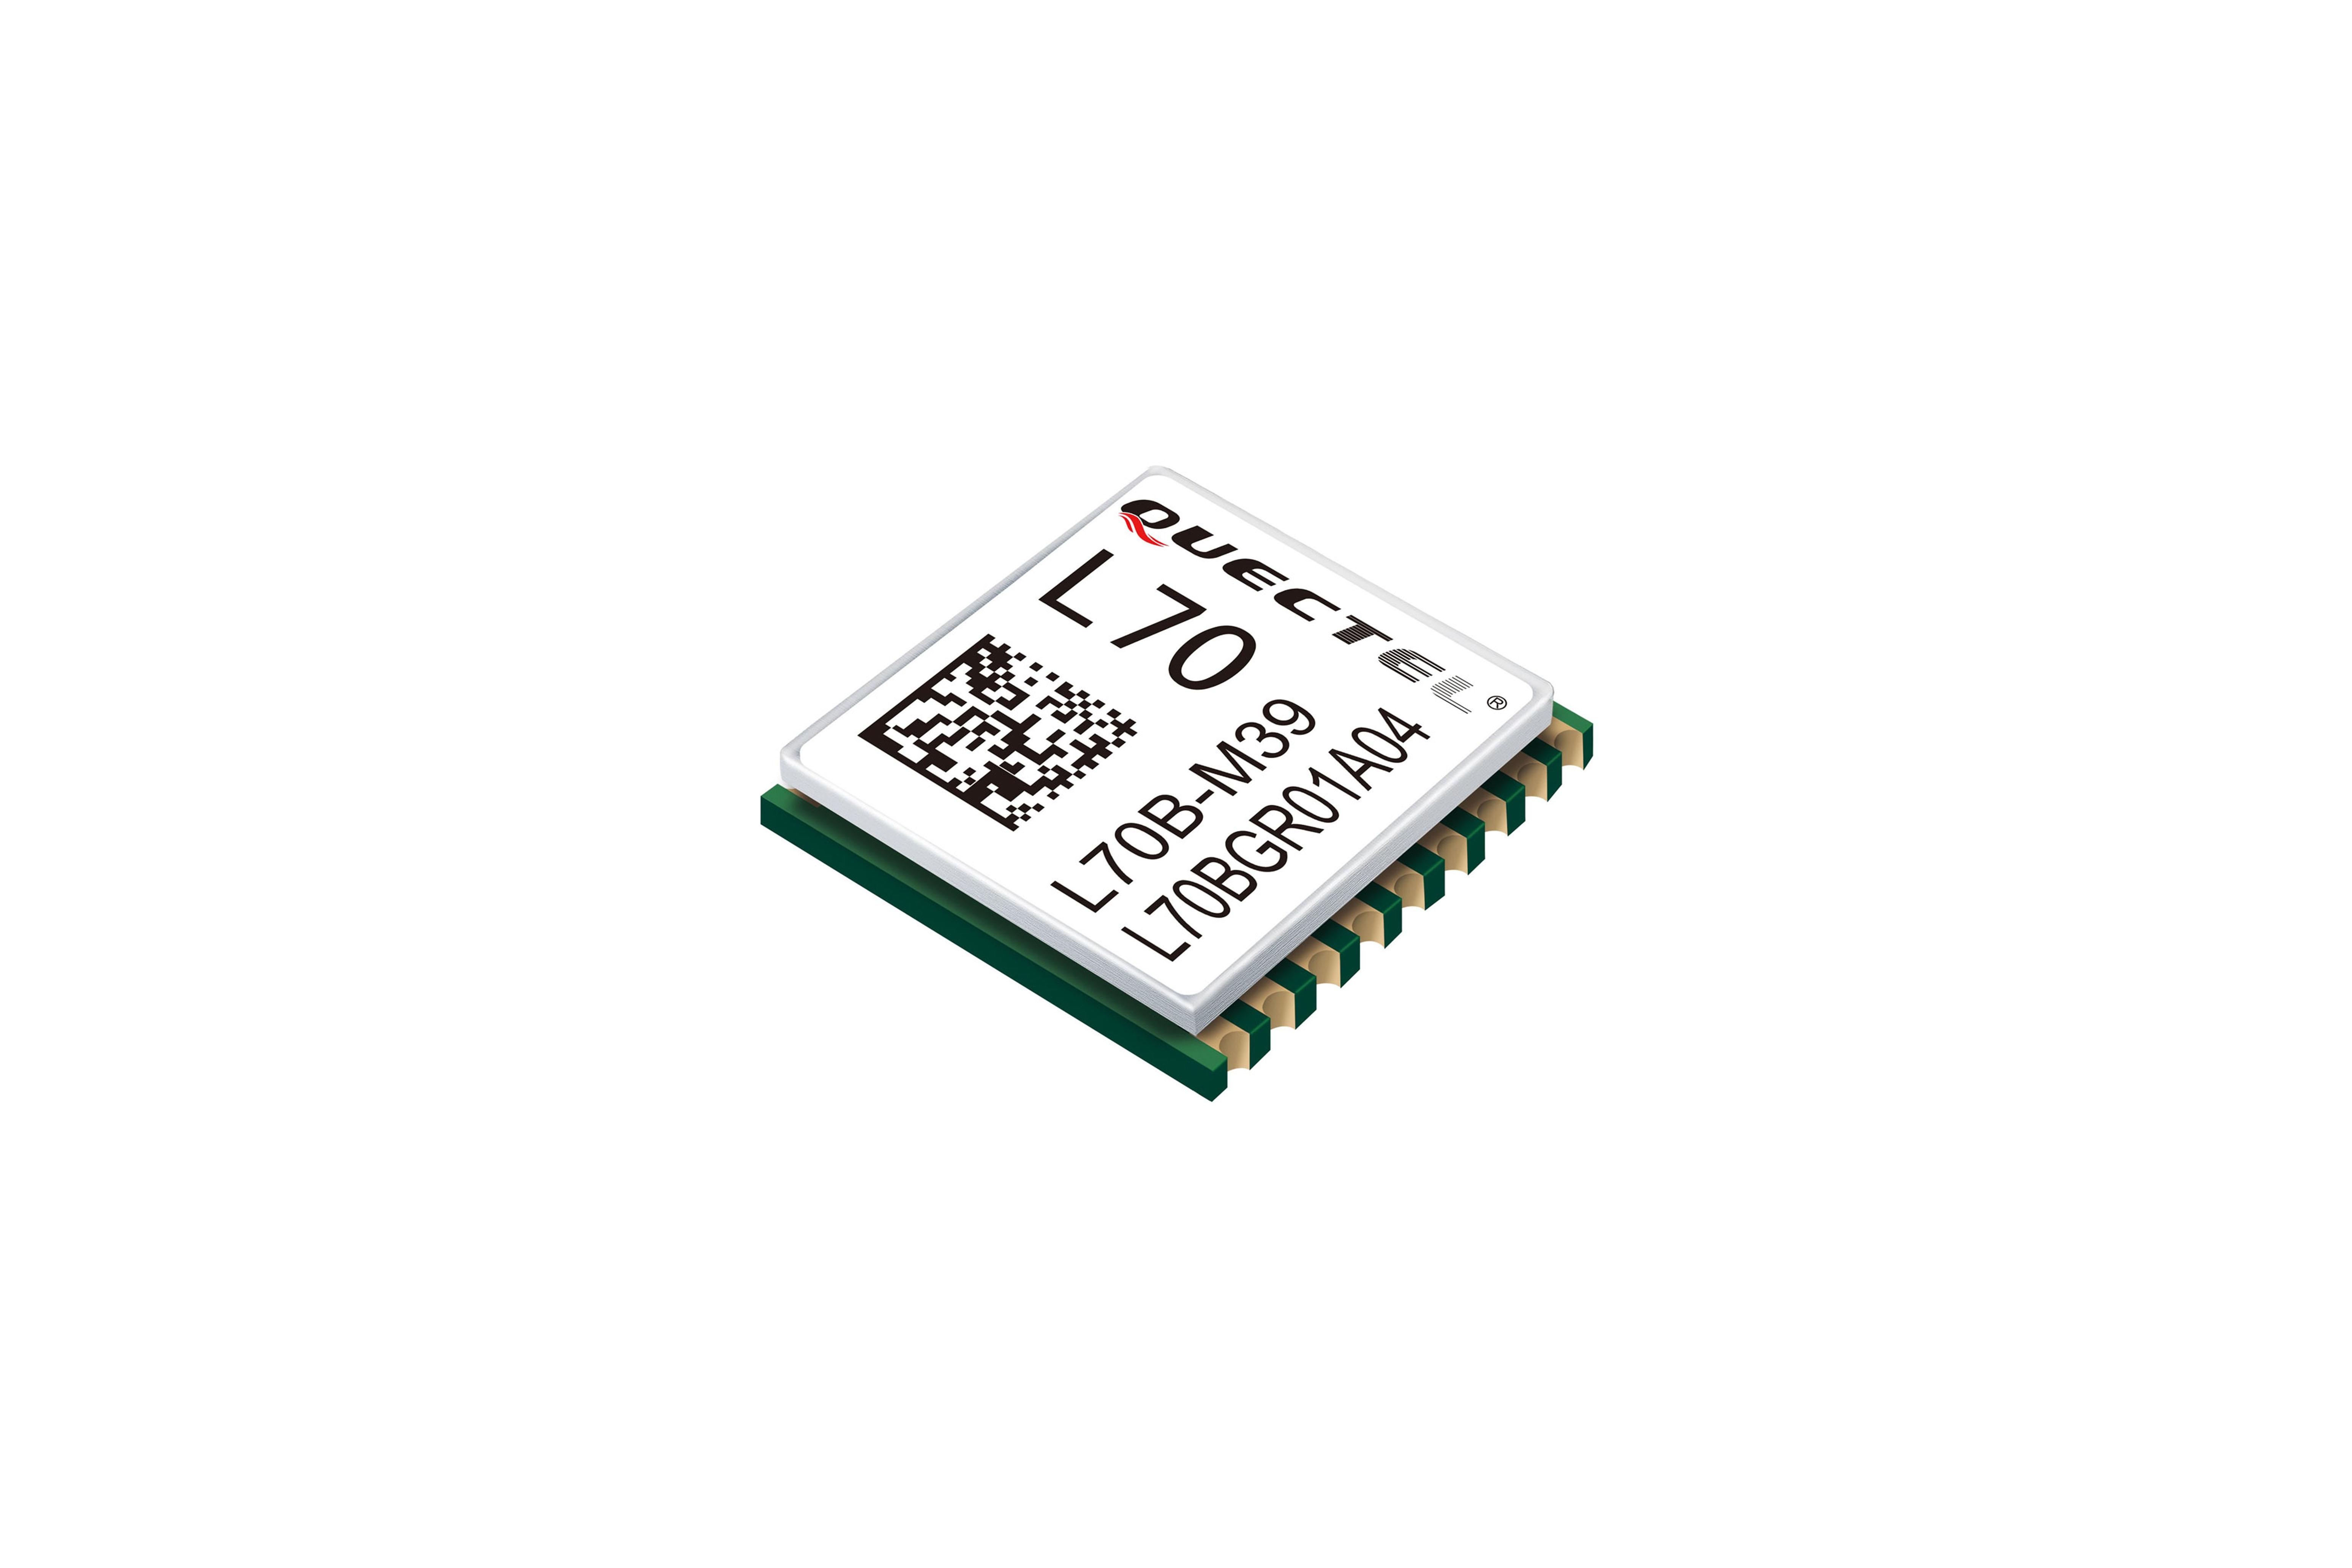 GPS-Empfängermodul - Paket mit 1 Stk.